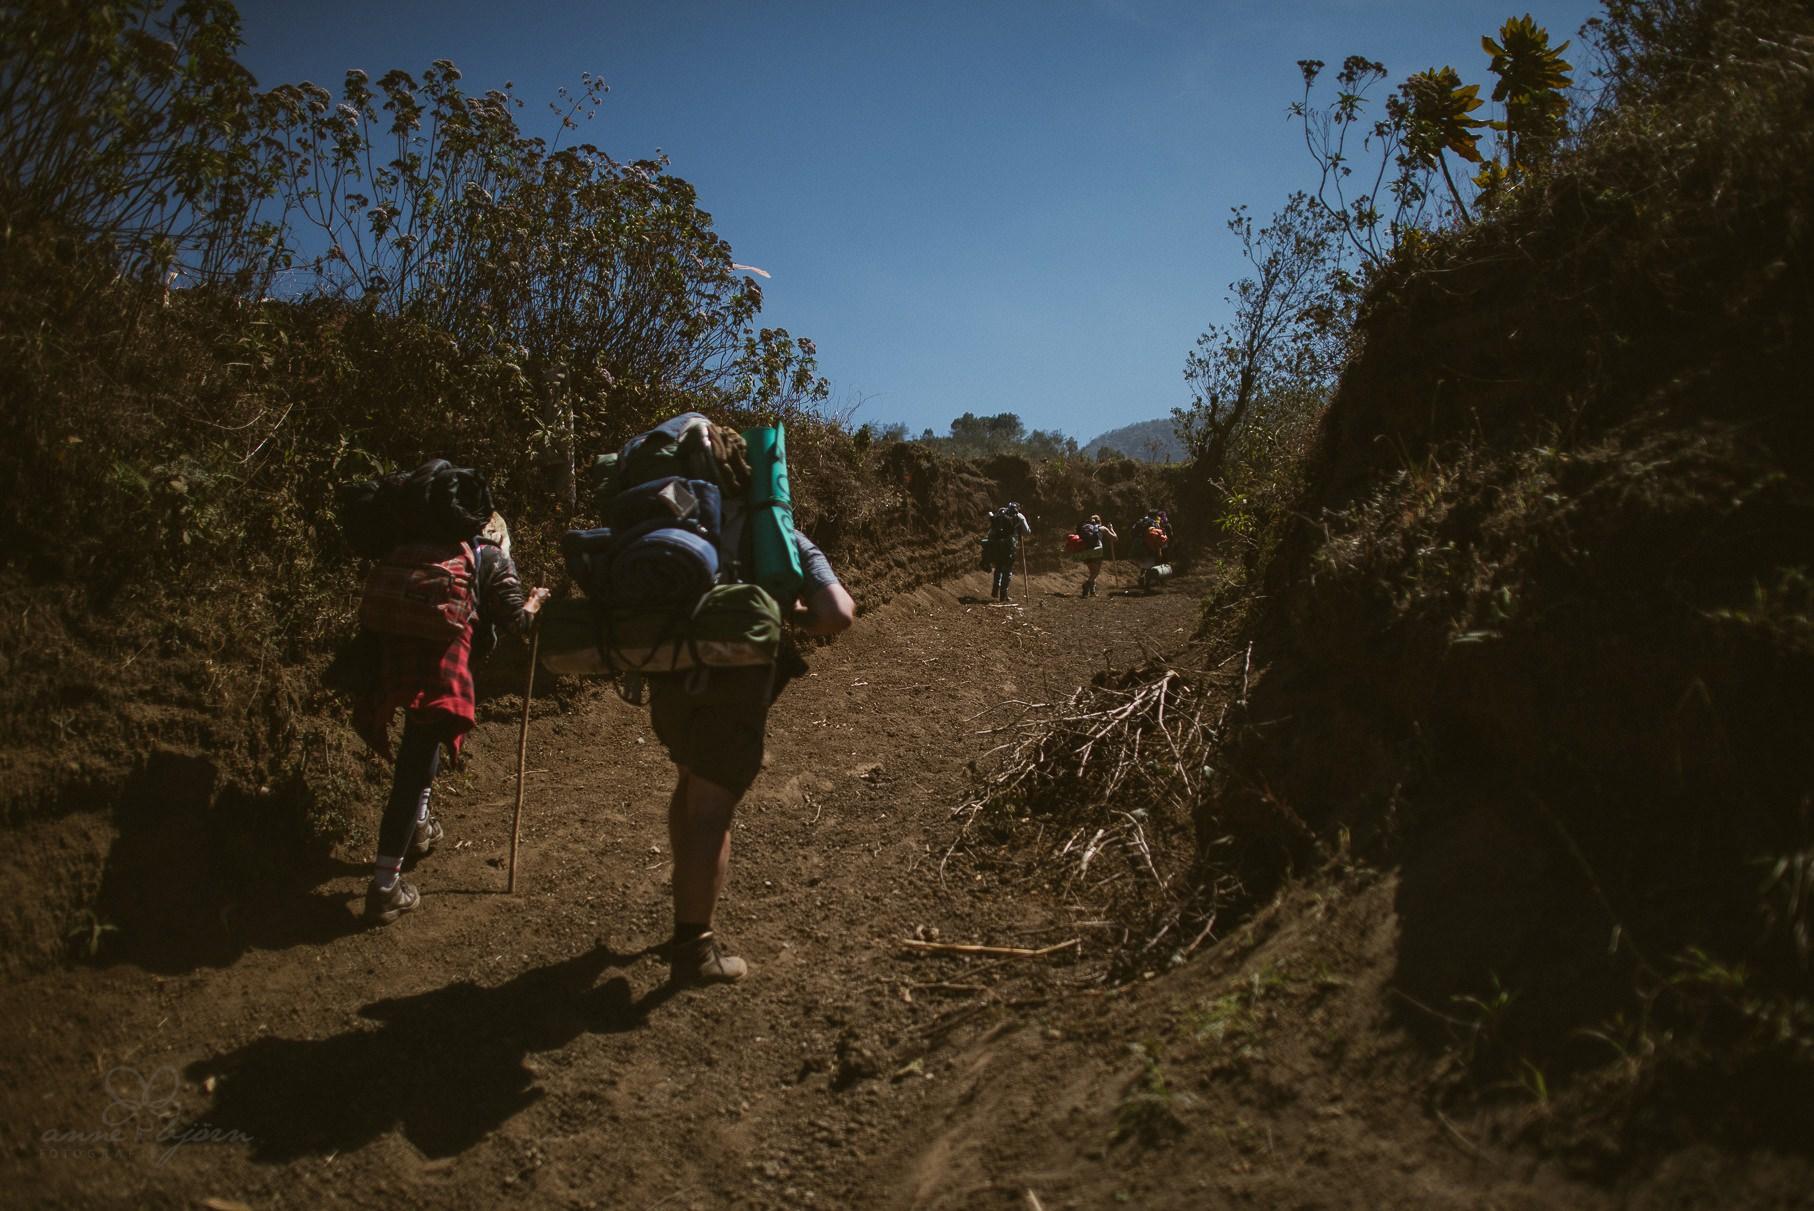 0081 anne und bjoern guatemala 811 3177 - 4 Wochen durch Guatemala - backpacking durch Mittelamerika